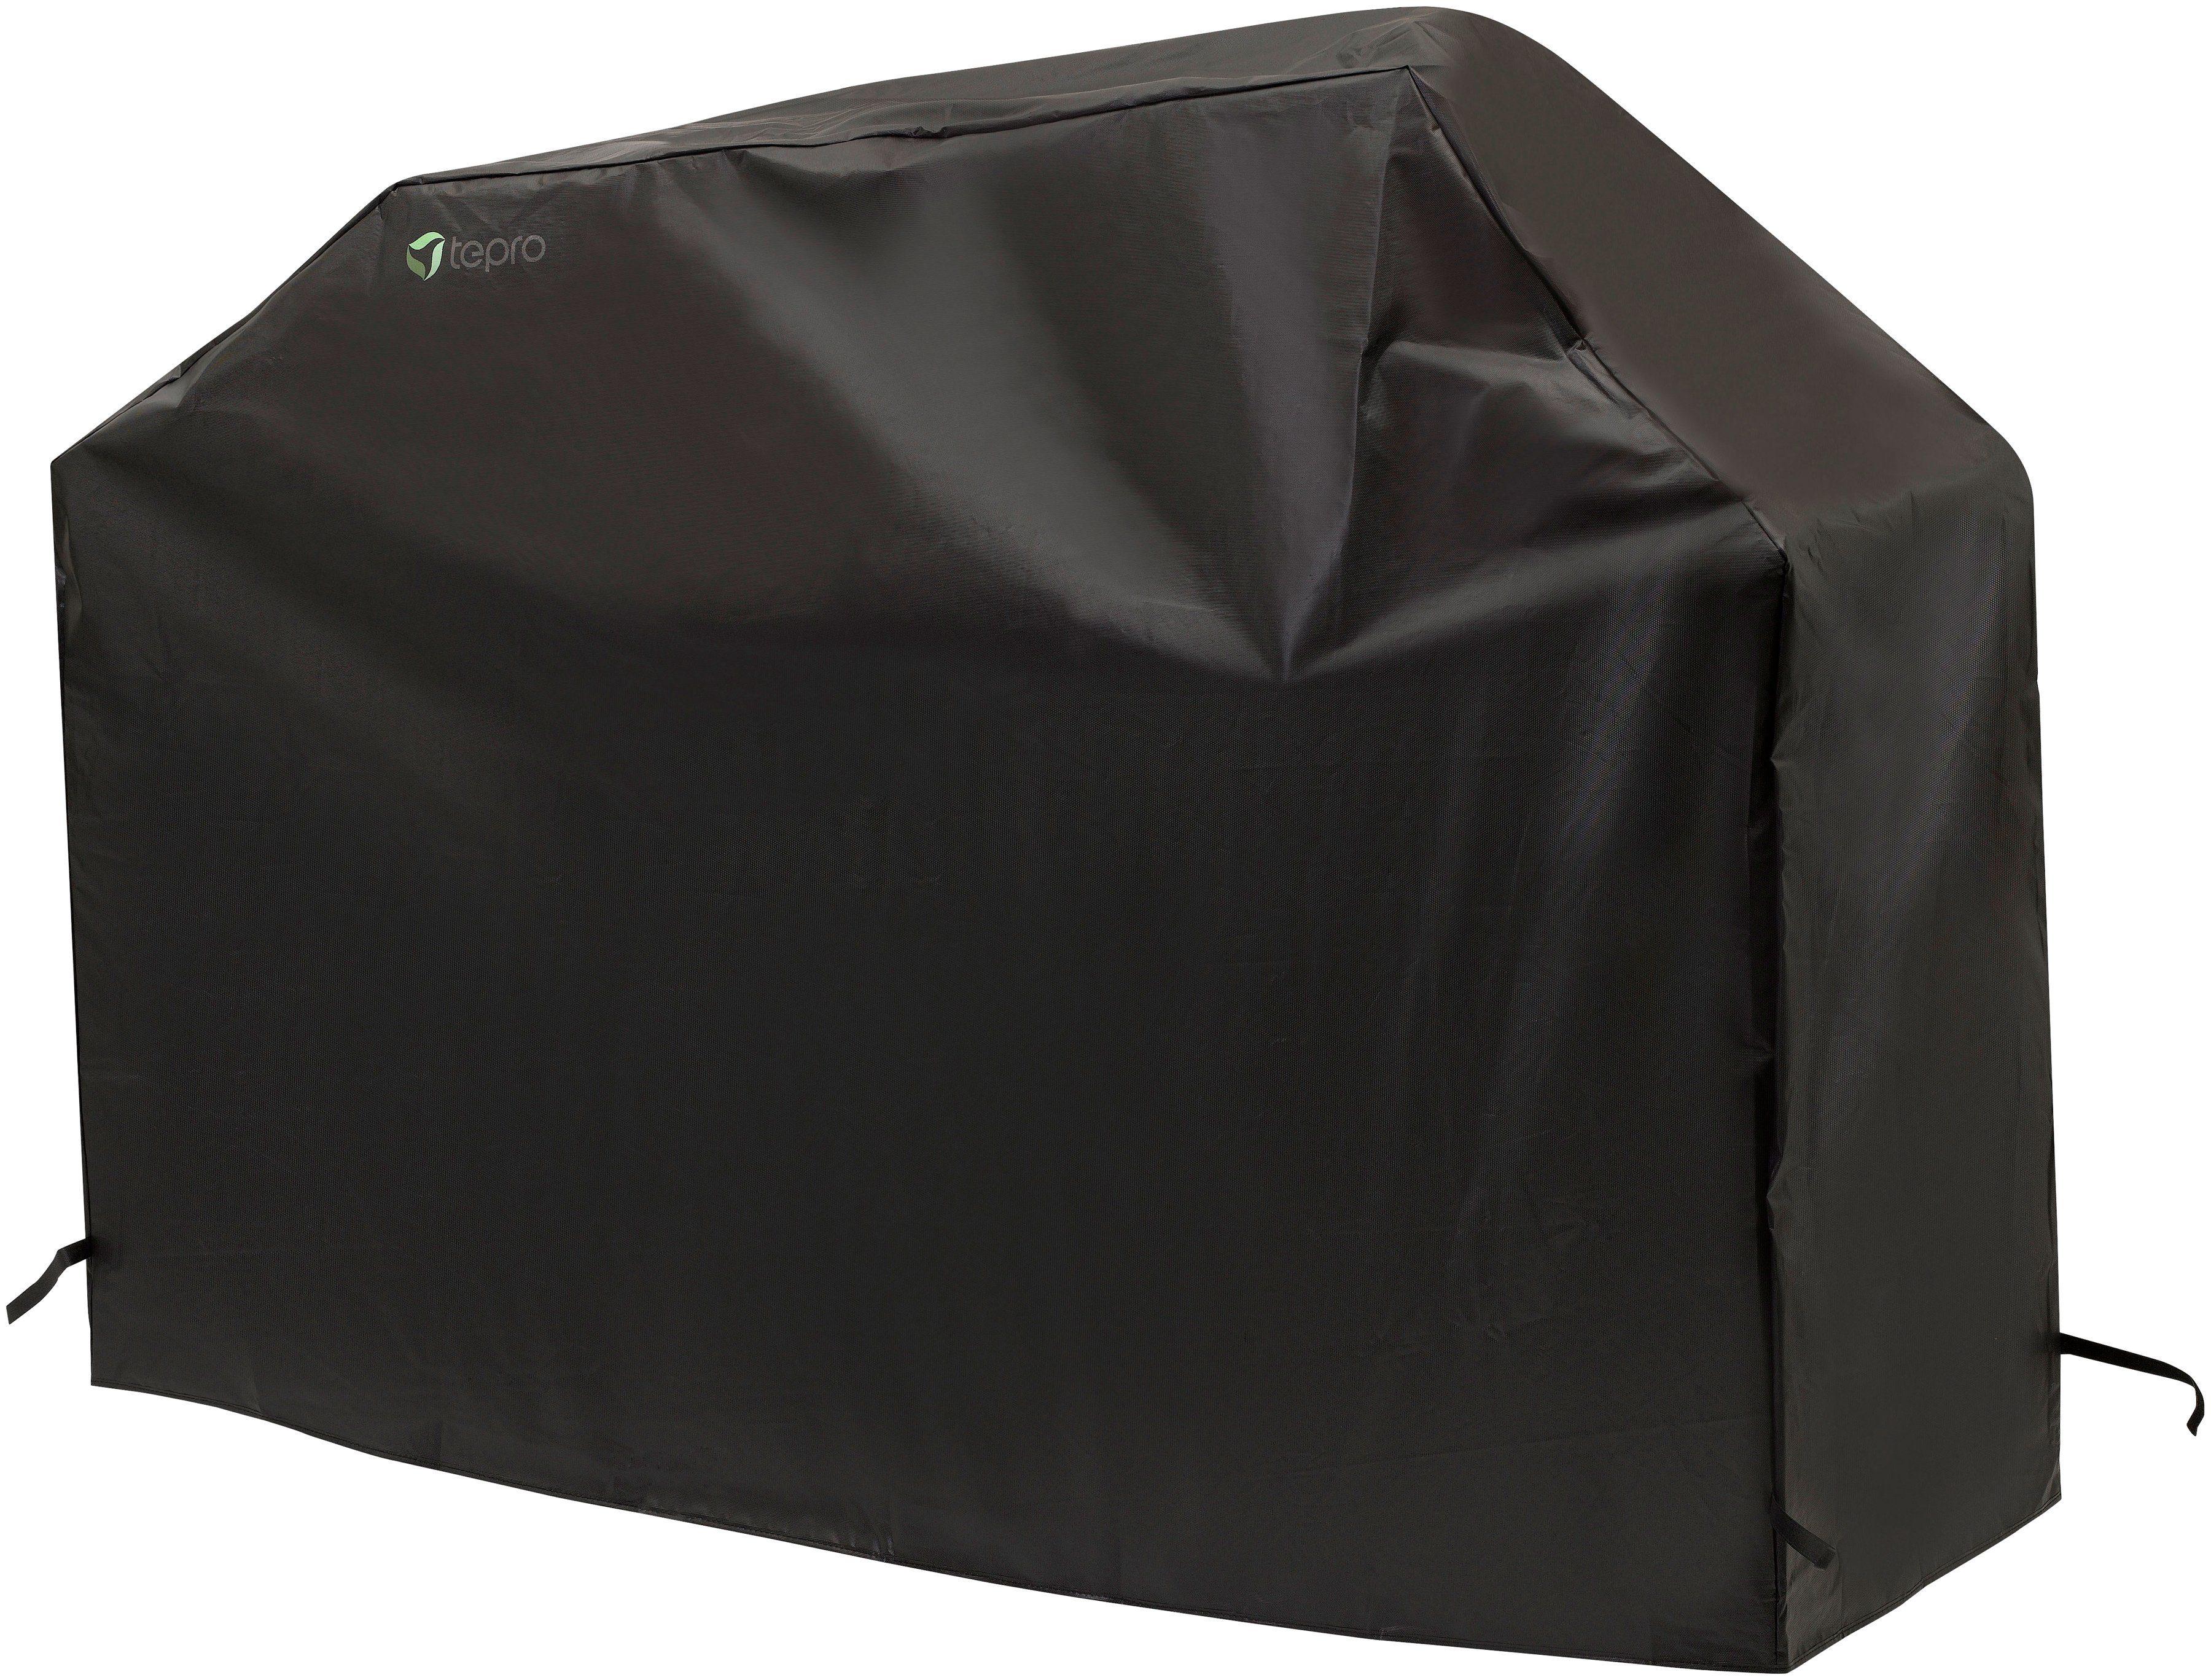 Tepro Holzkohlegrill Toronto Xxl Zubehör : Tepro grill toronto xxl media markt zubehor kaufen stoffdach fur